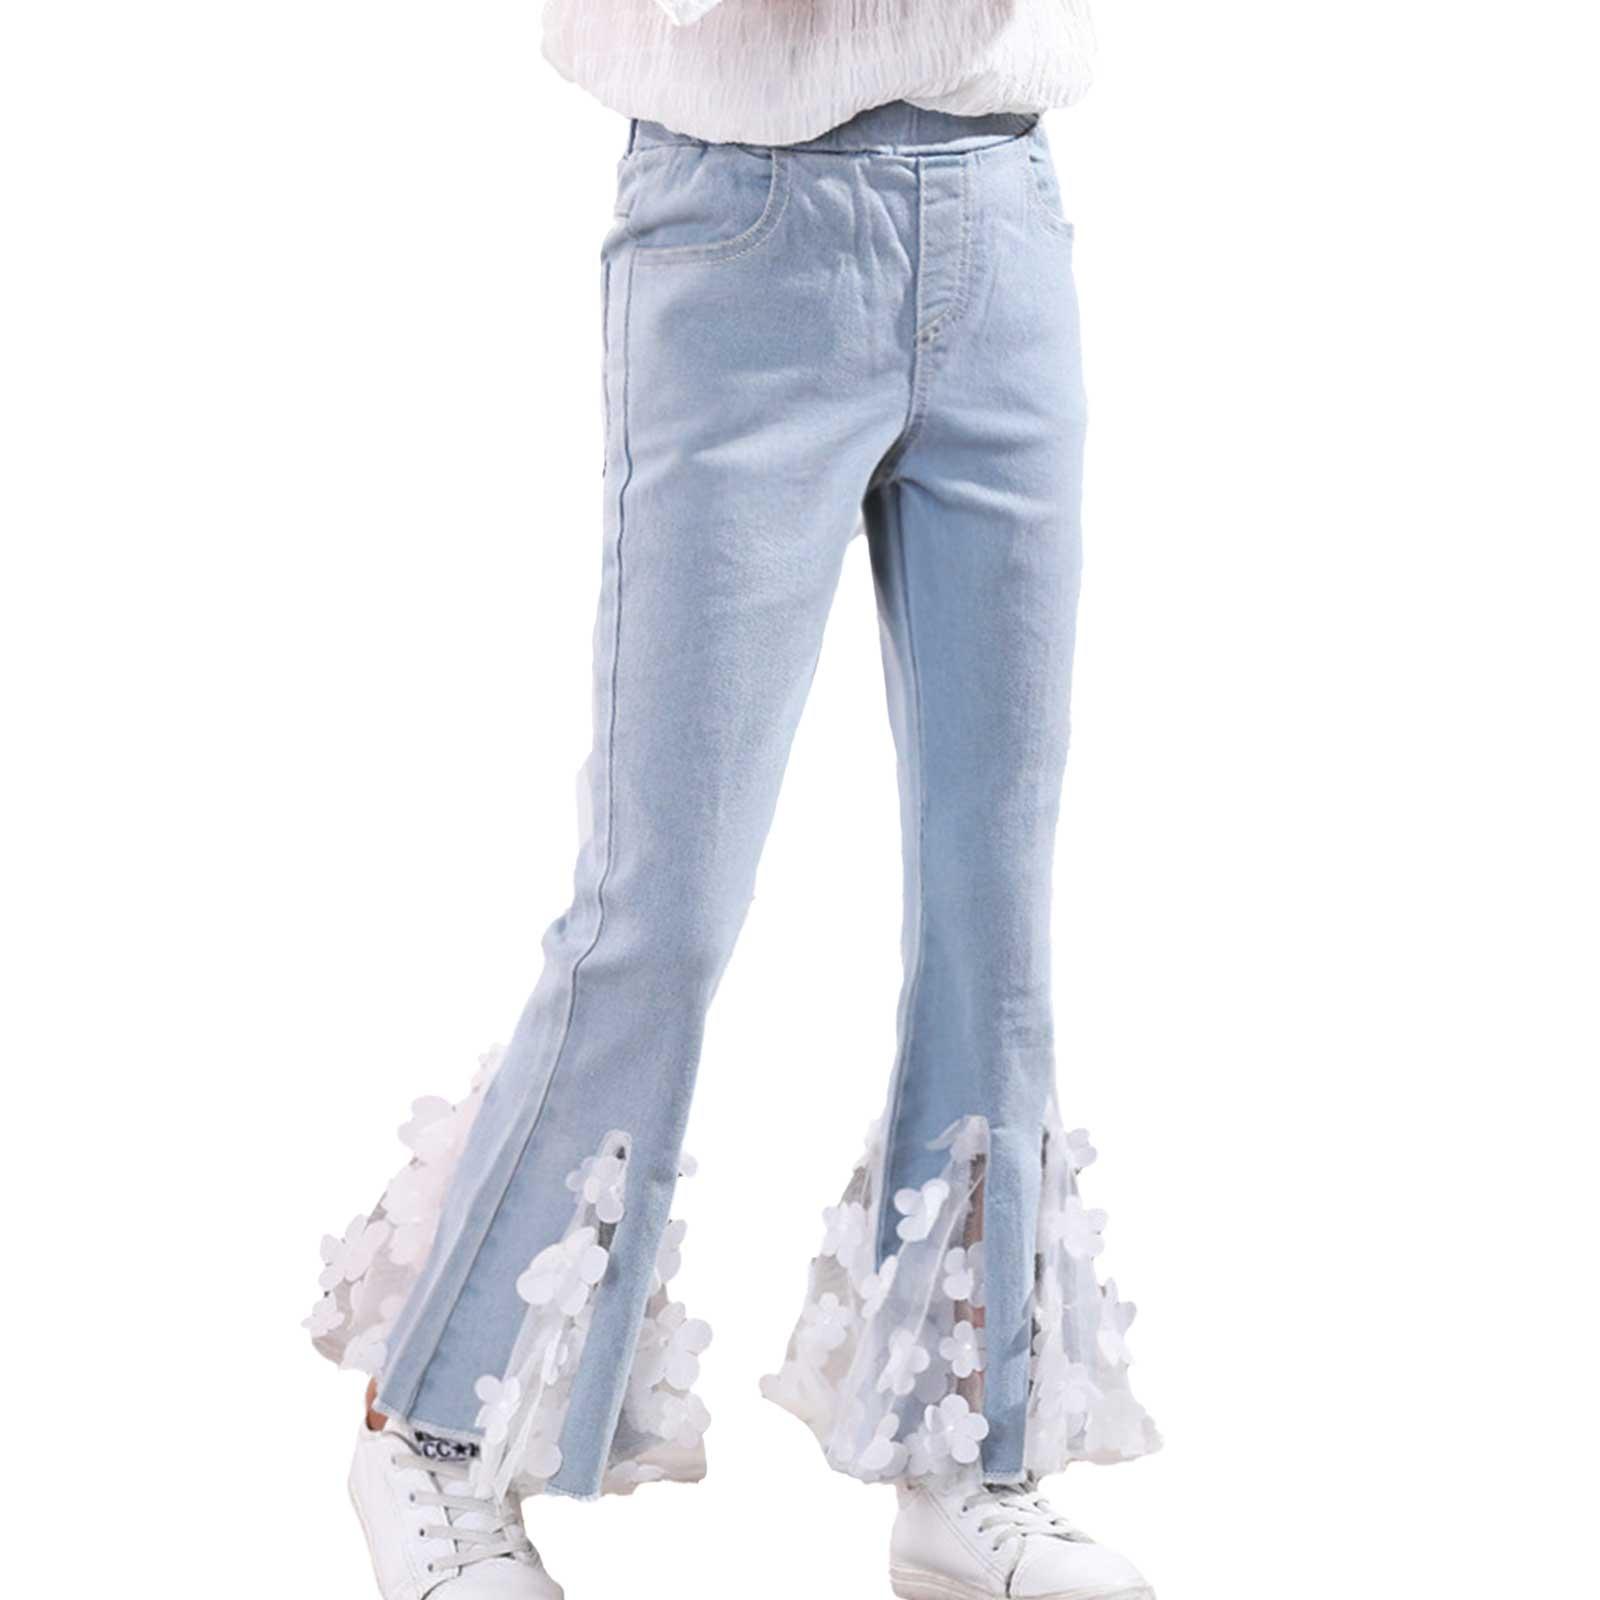 Женские расклешенные джинсы, новинка 2021, детские брюки, весна-осень, модные летние брюки с цветами, Детская верхняя одежда, брюки, молодежные...